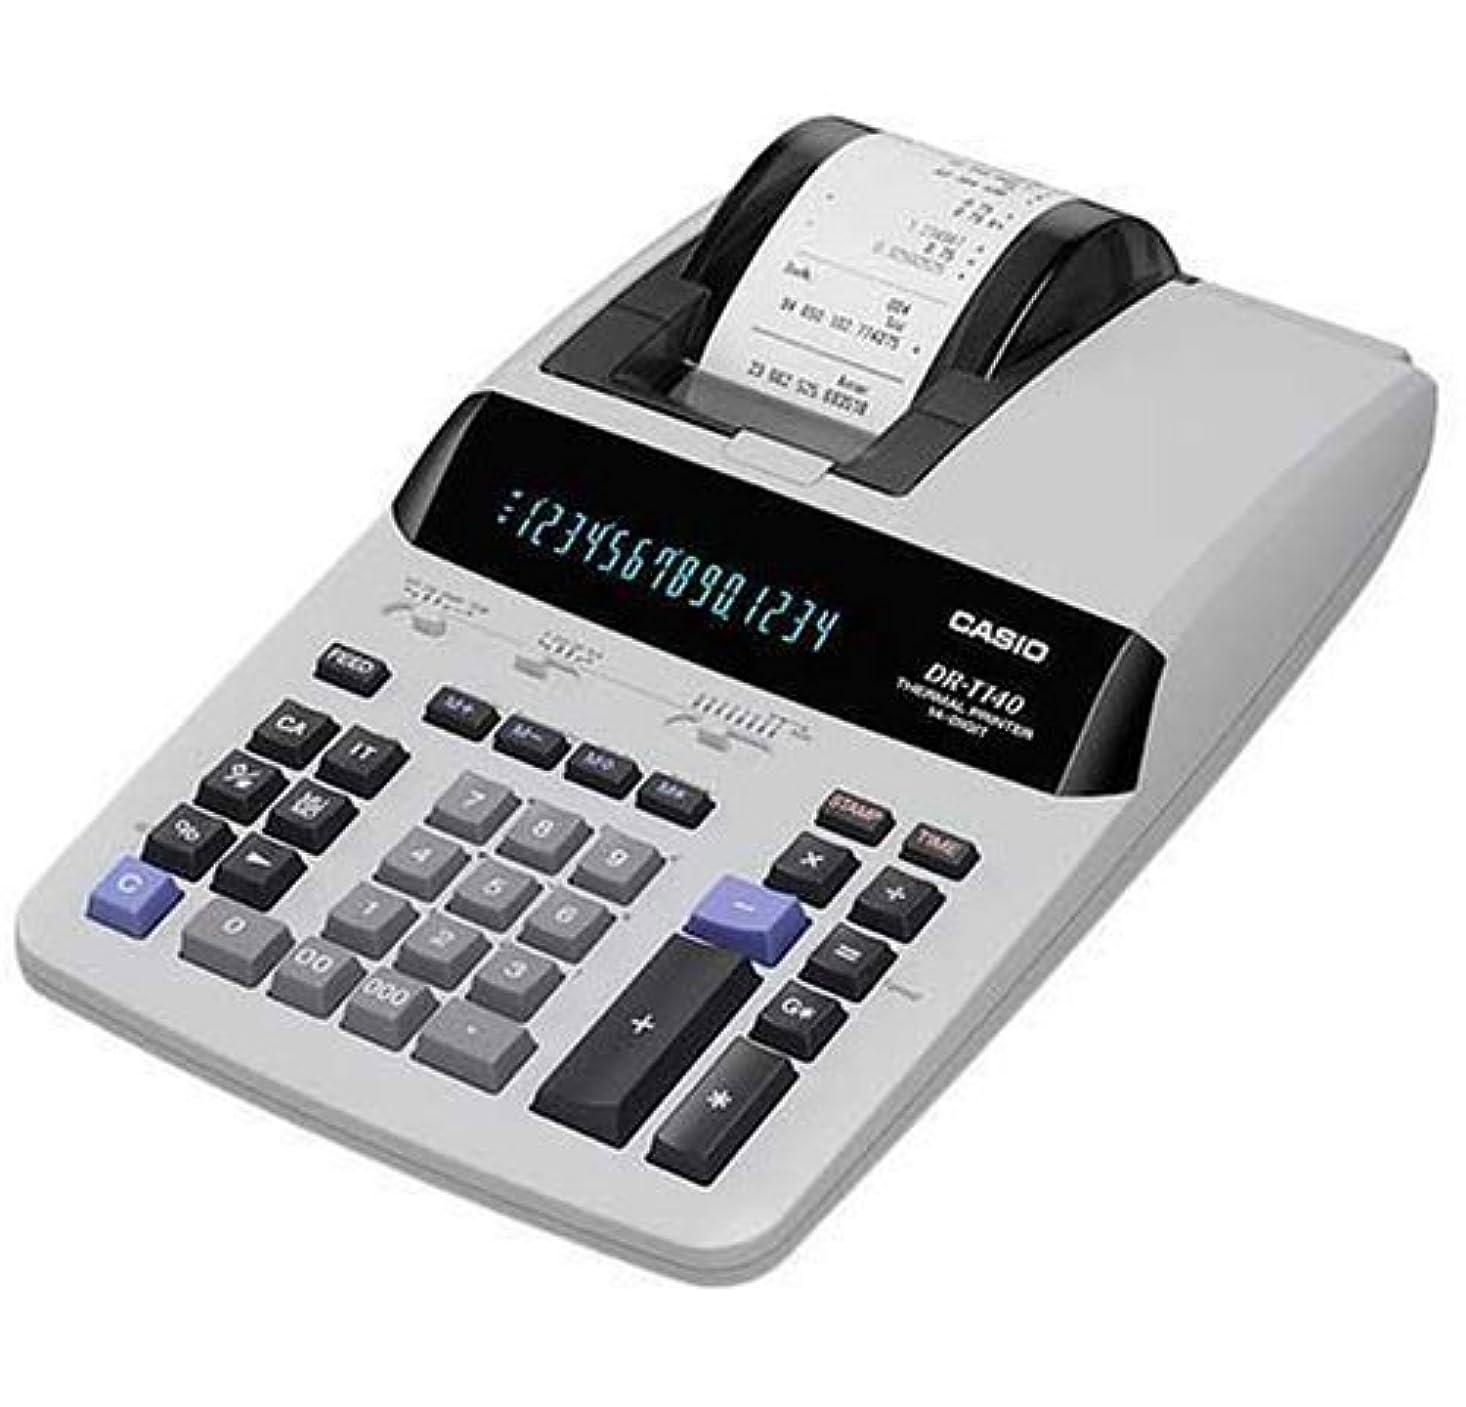 シャッター紳士フルーツ野菜Canon   プリンター電卓 MP1215-DVII 金融機関向け本格業務加算機